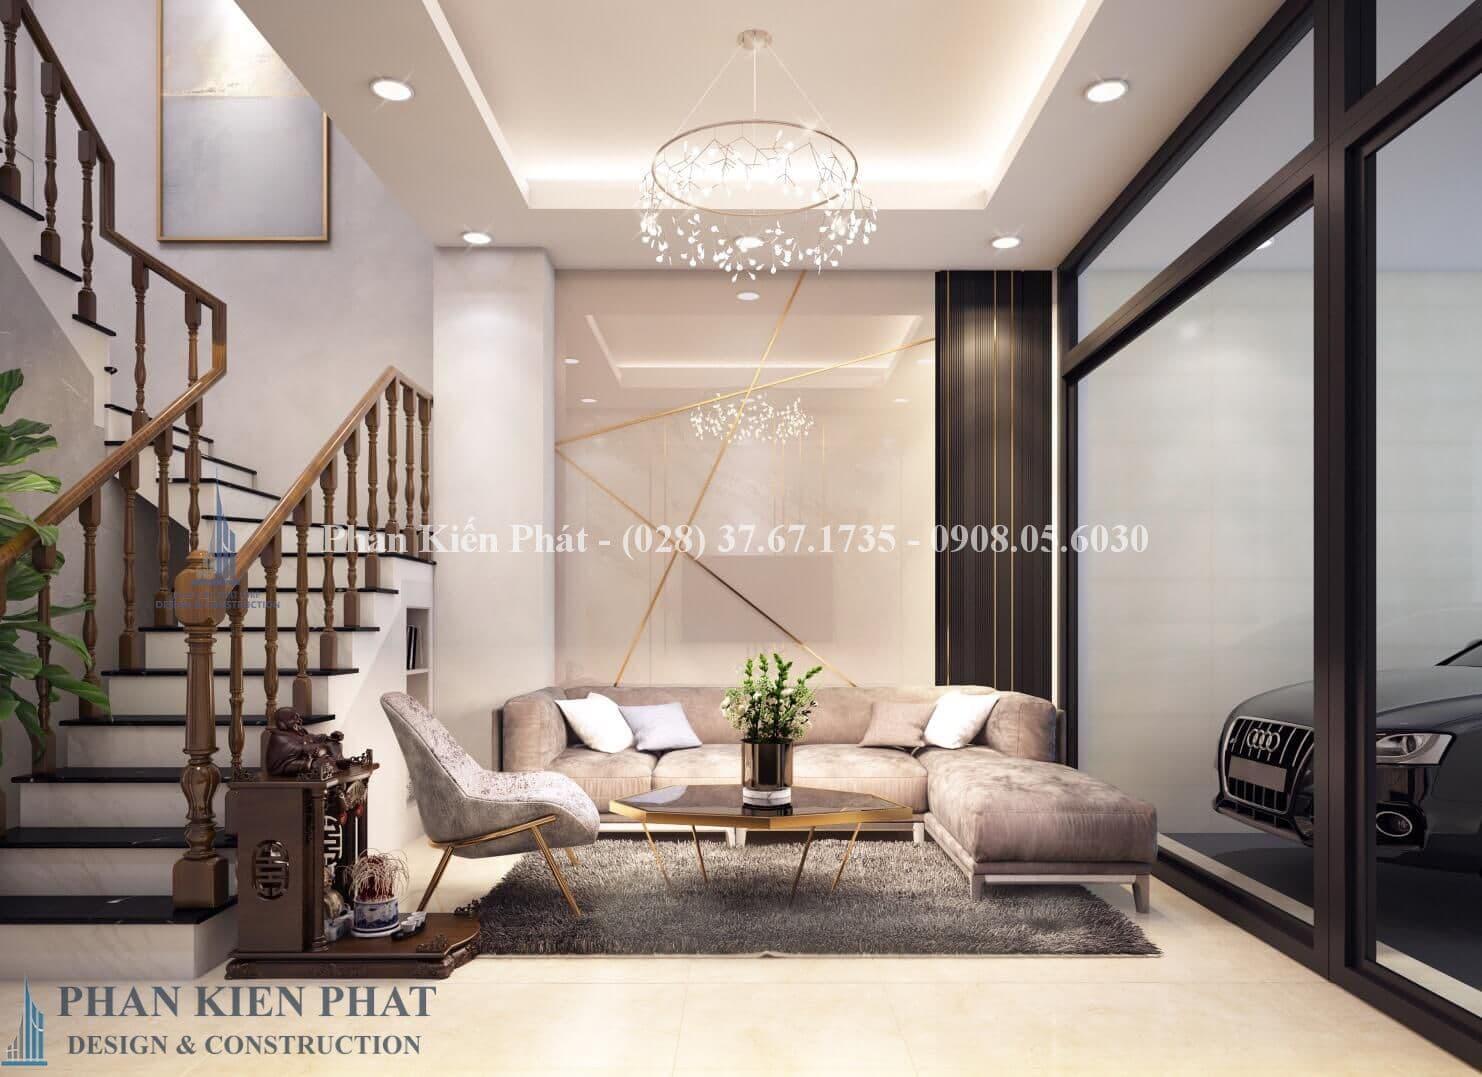 Thiet Ke Noi That Phong Khach View2